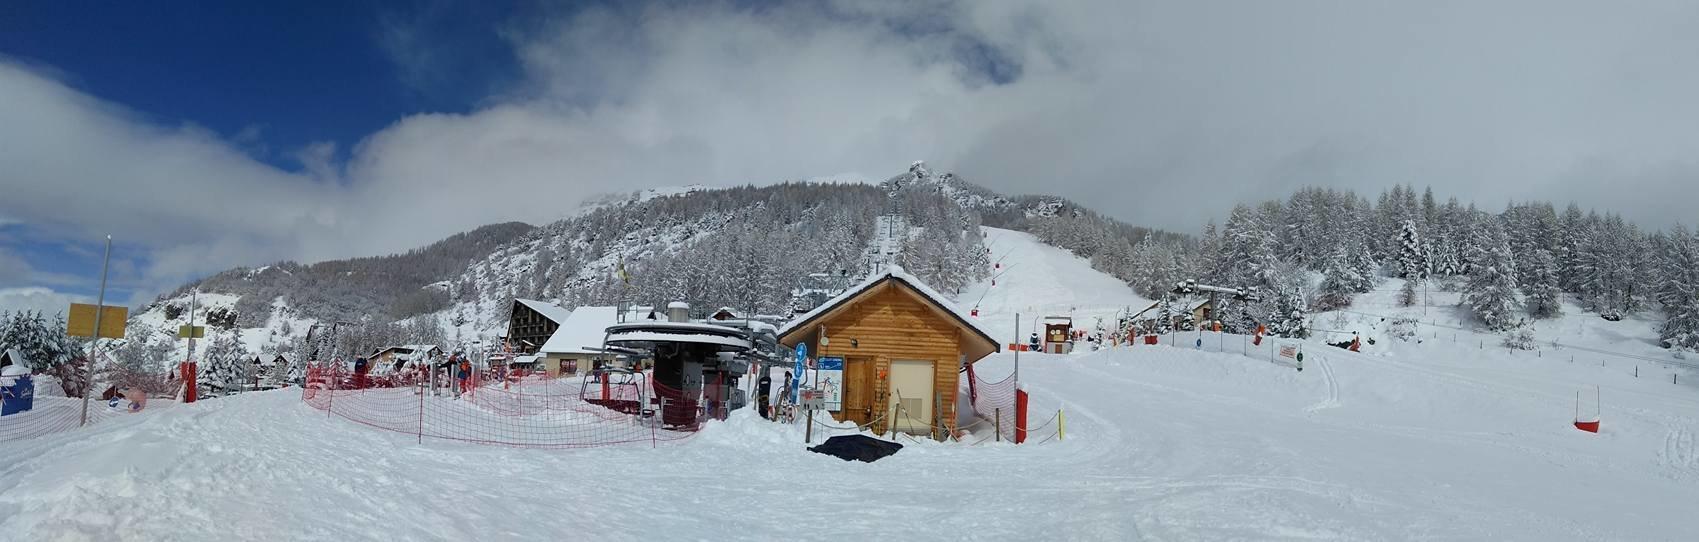 Le front de neige de Chaillol et le départ du télésiège de Clos Chenu - © OT St Michel de Chaillol